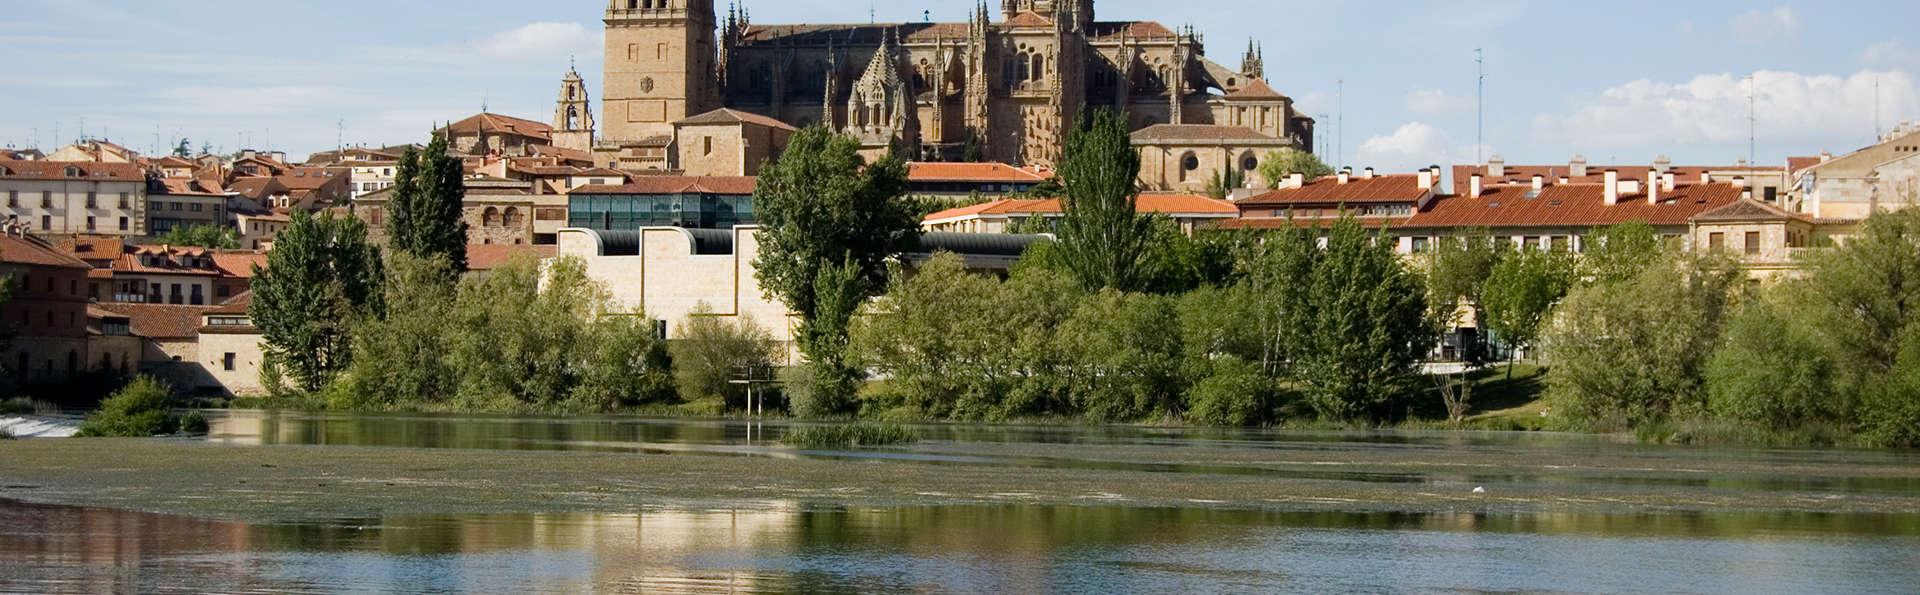 Especial Ciudades Monumentales: Vive las Maravillas de Salamanca